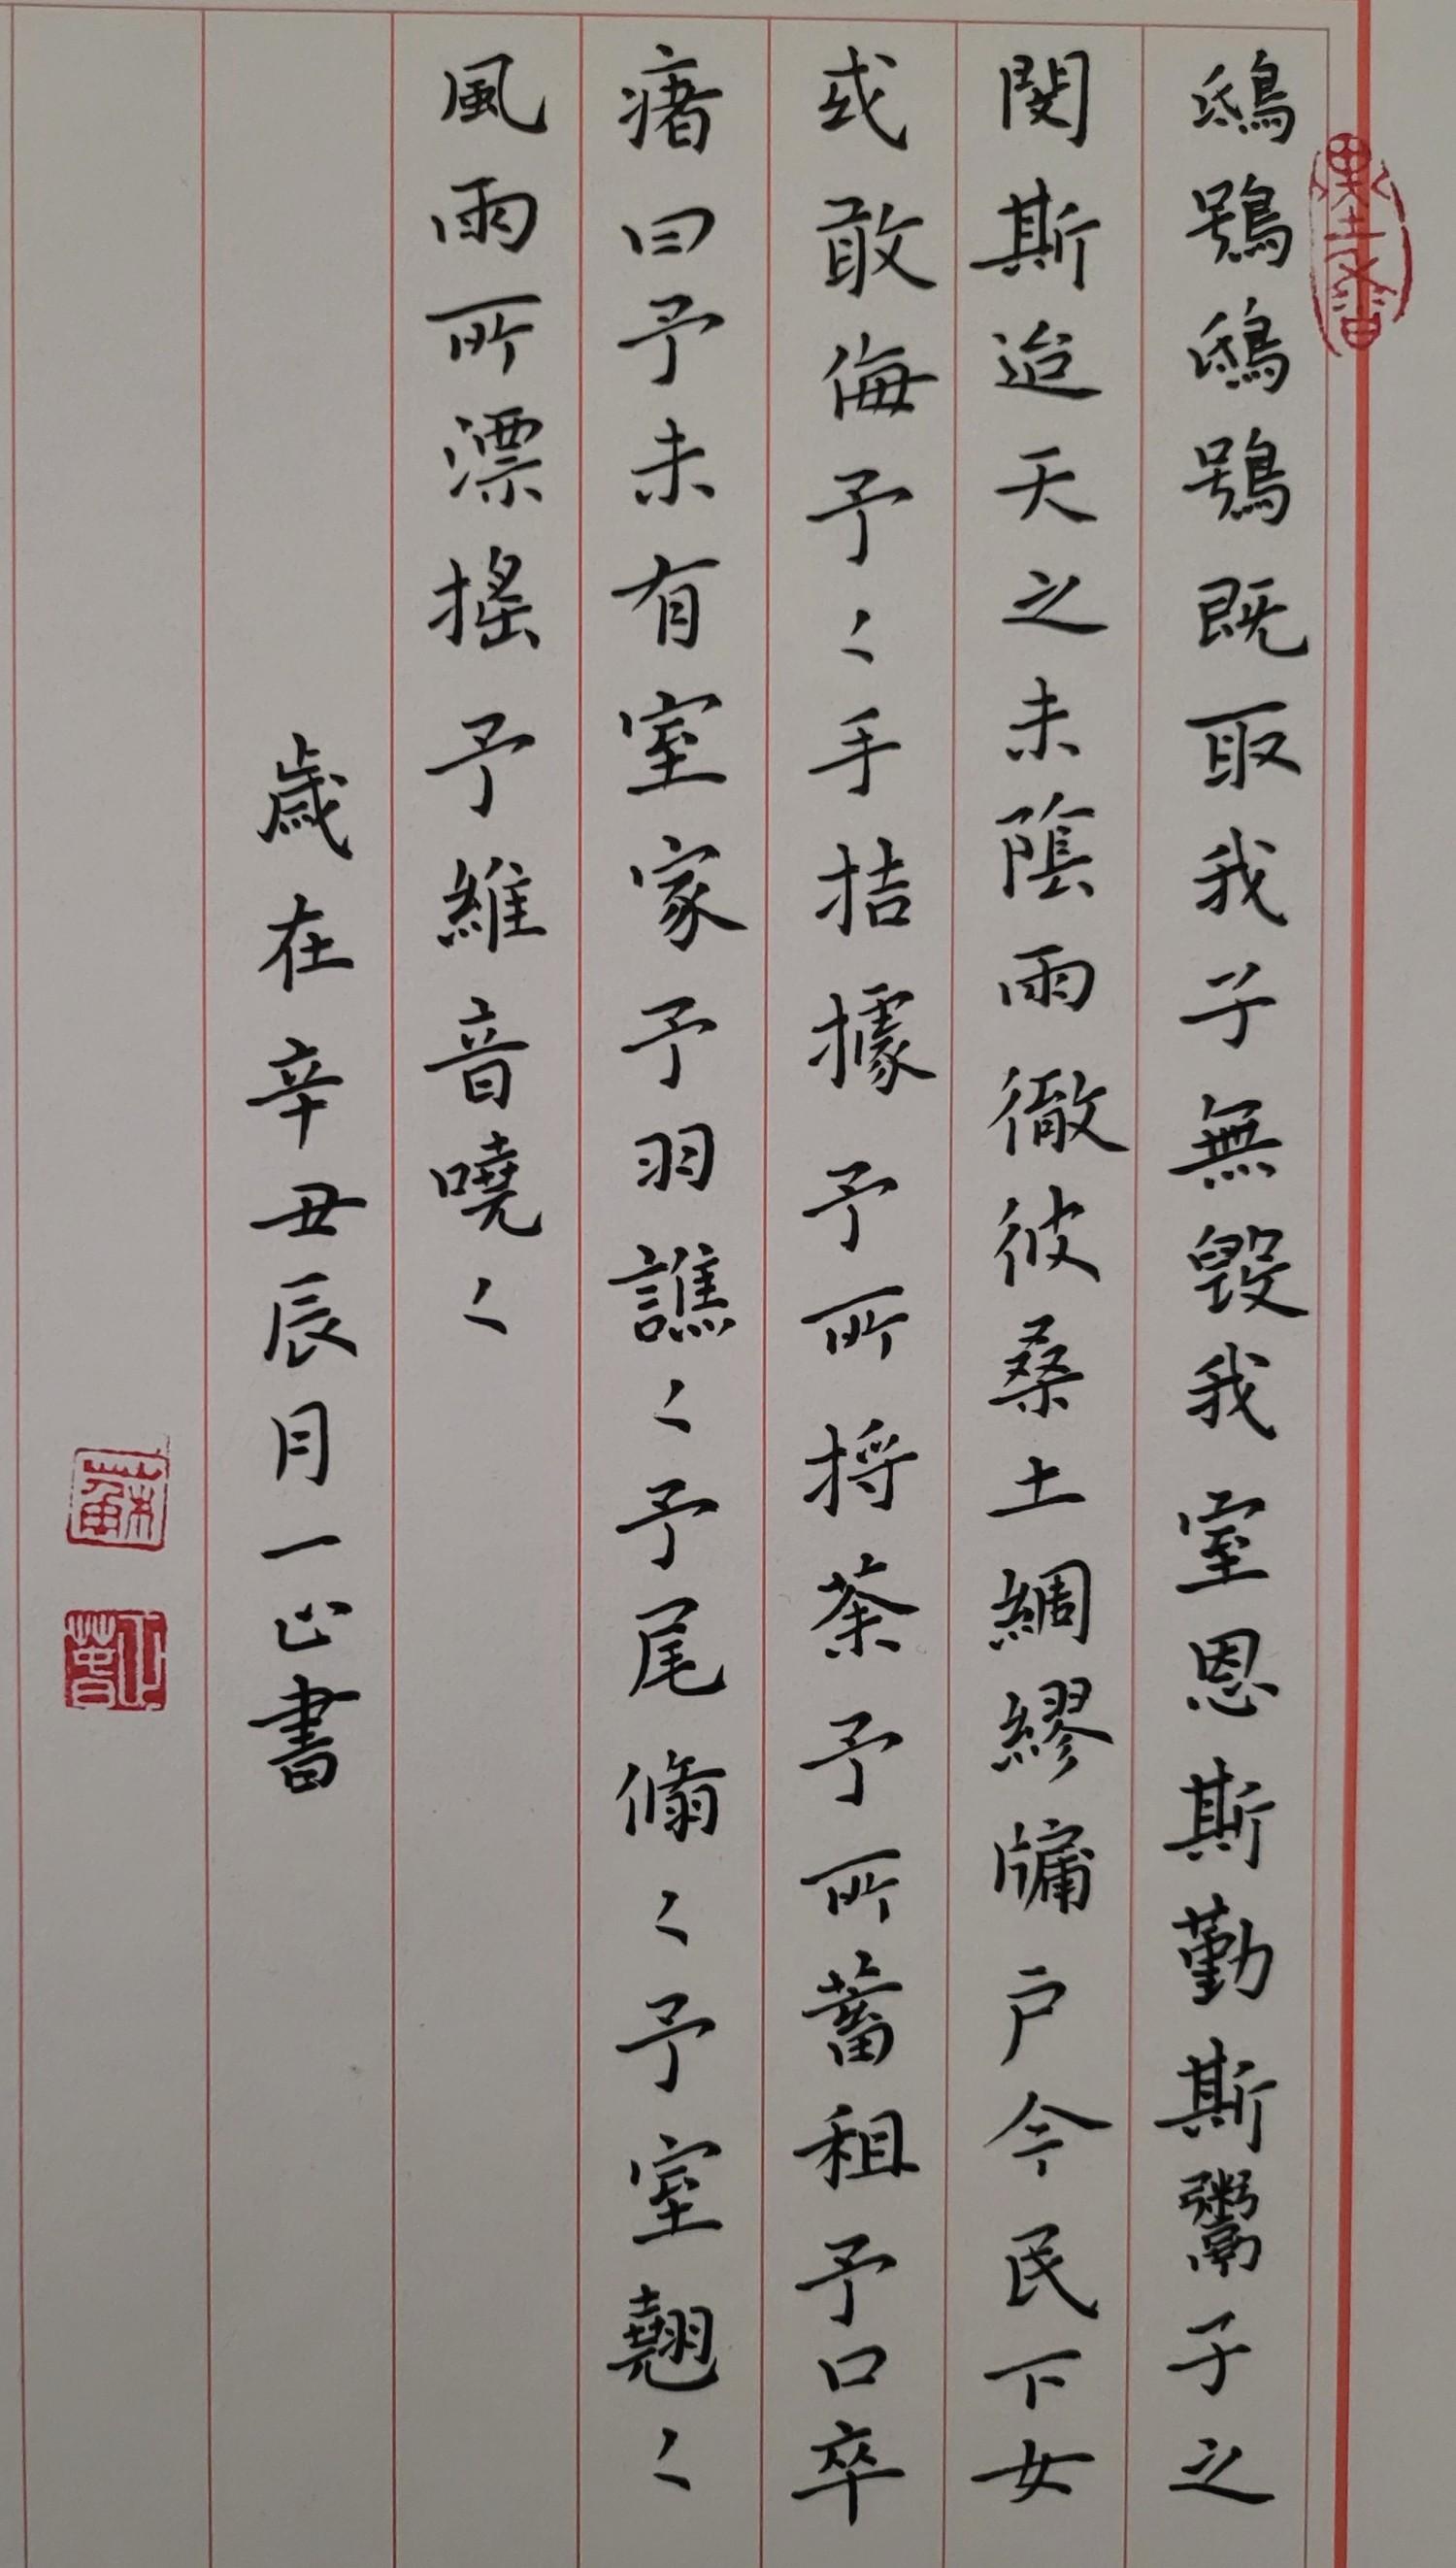 钢笔书法练字打卡20210427-03